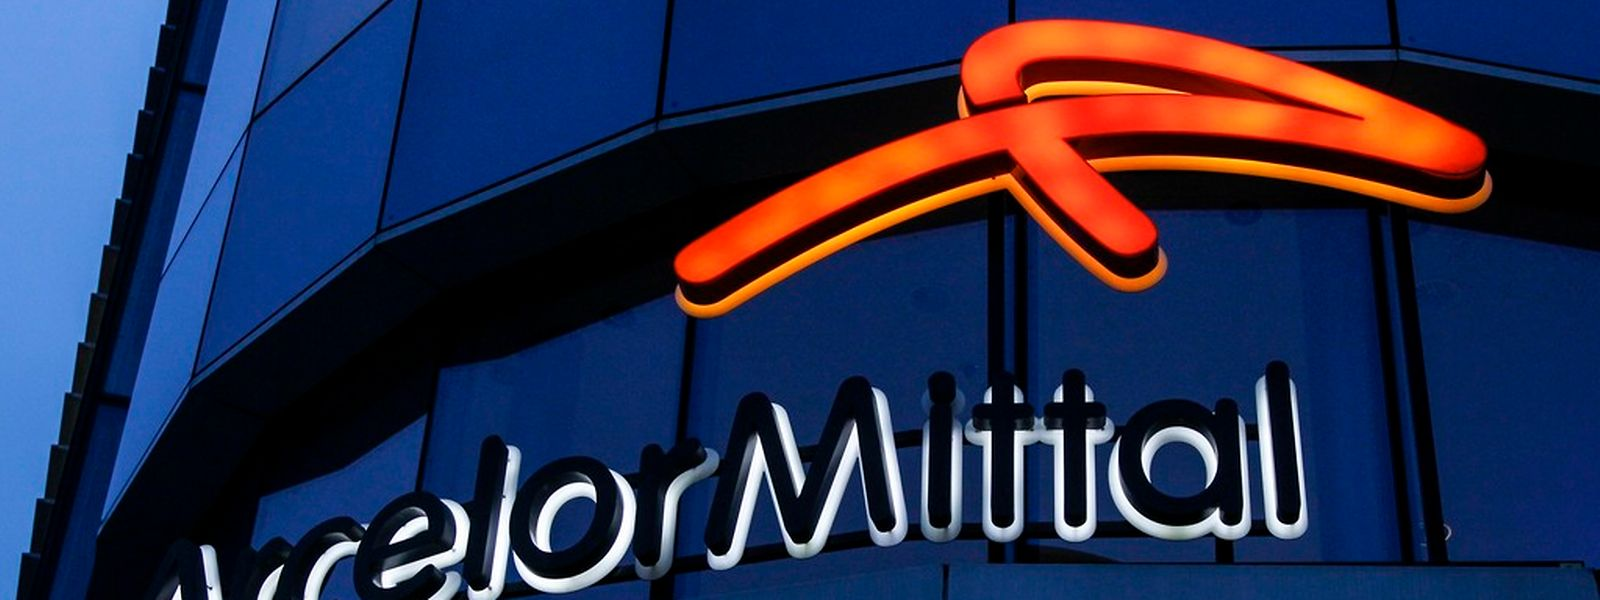 Der Sparkurs von ArcelorMittal schlägt sich erstmals beim Ergebnis nieder.